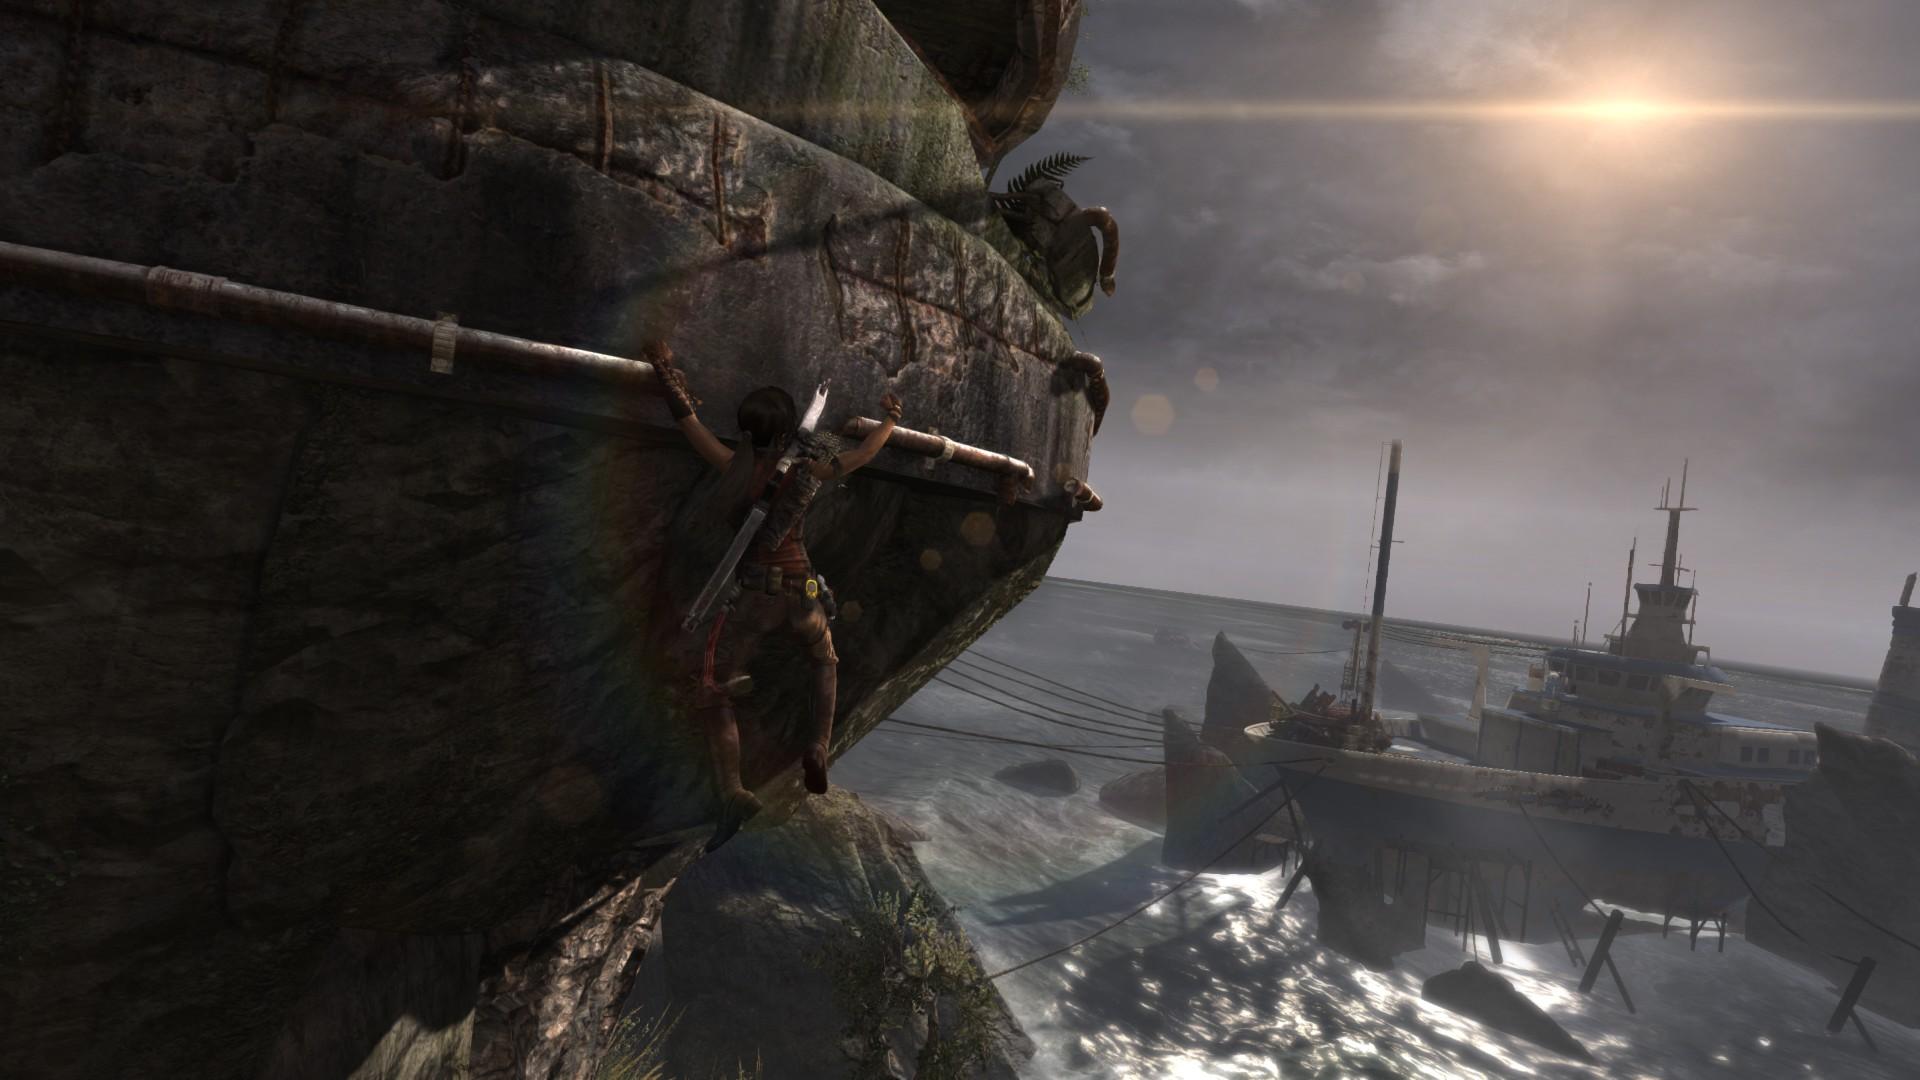 Tomb Raider - Tomb Raider (2013)